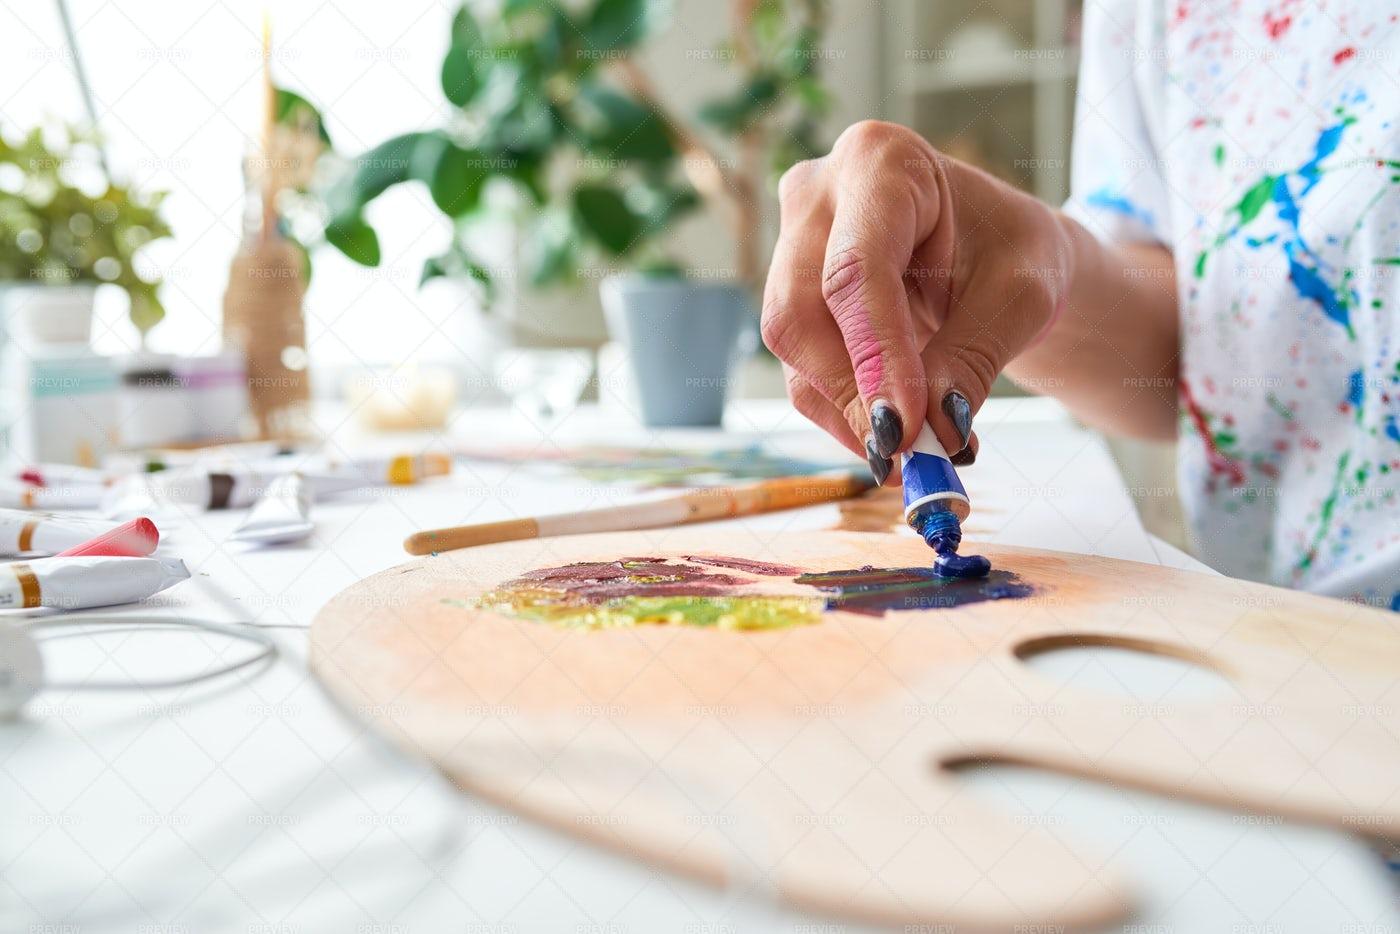 Artist Mixing Colors Close Up: Stock Photos